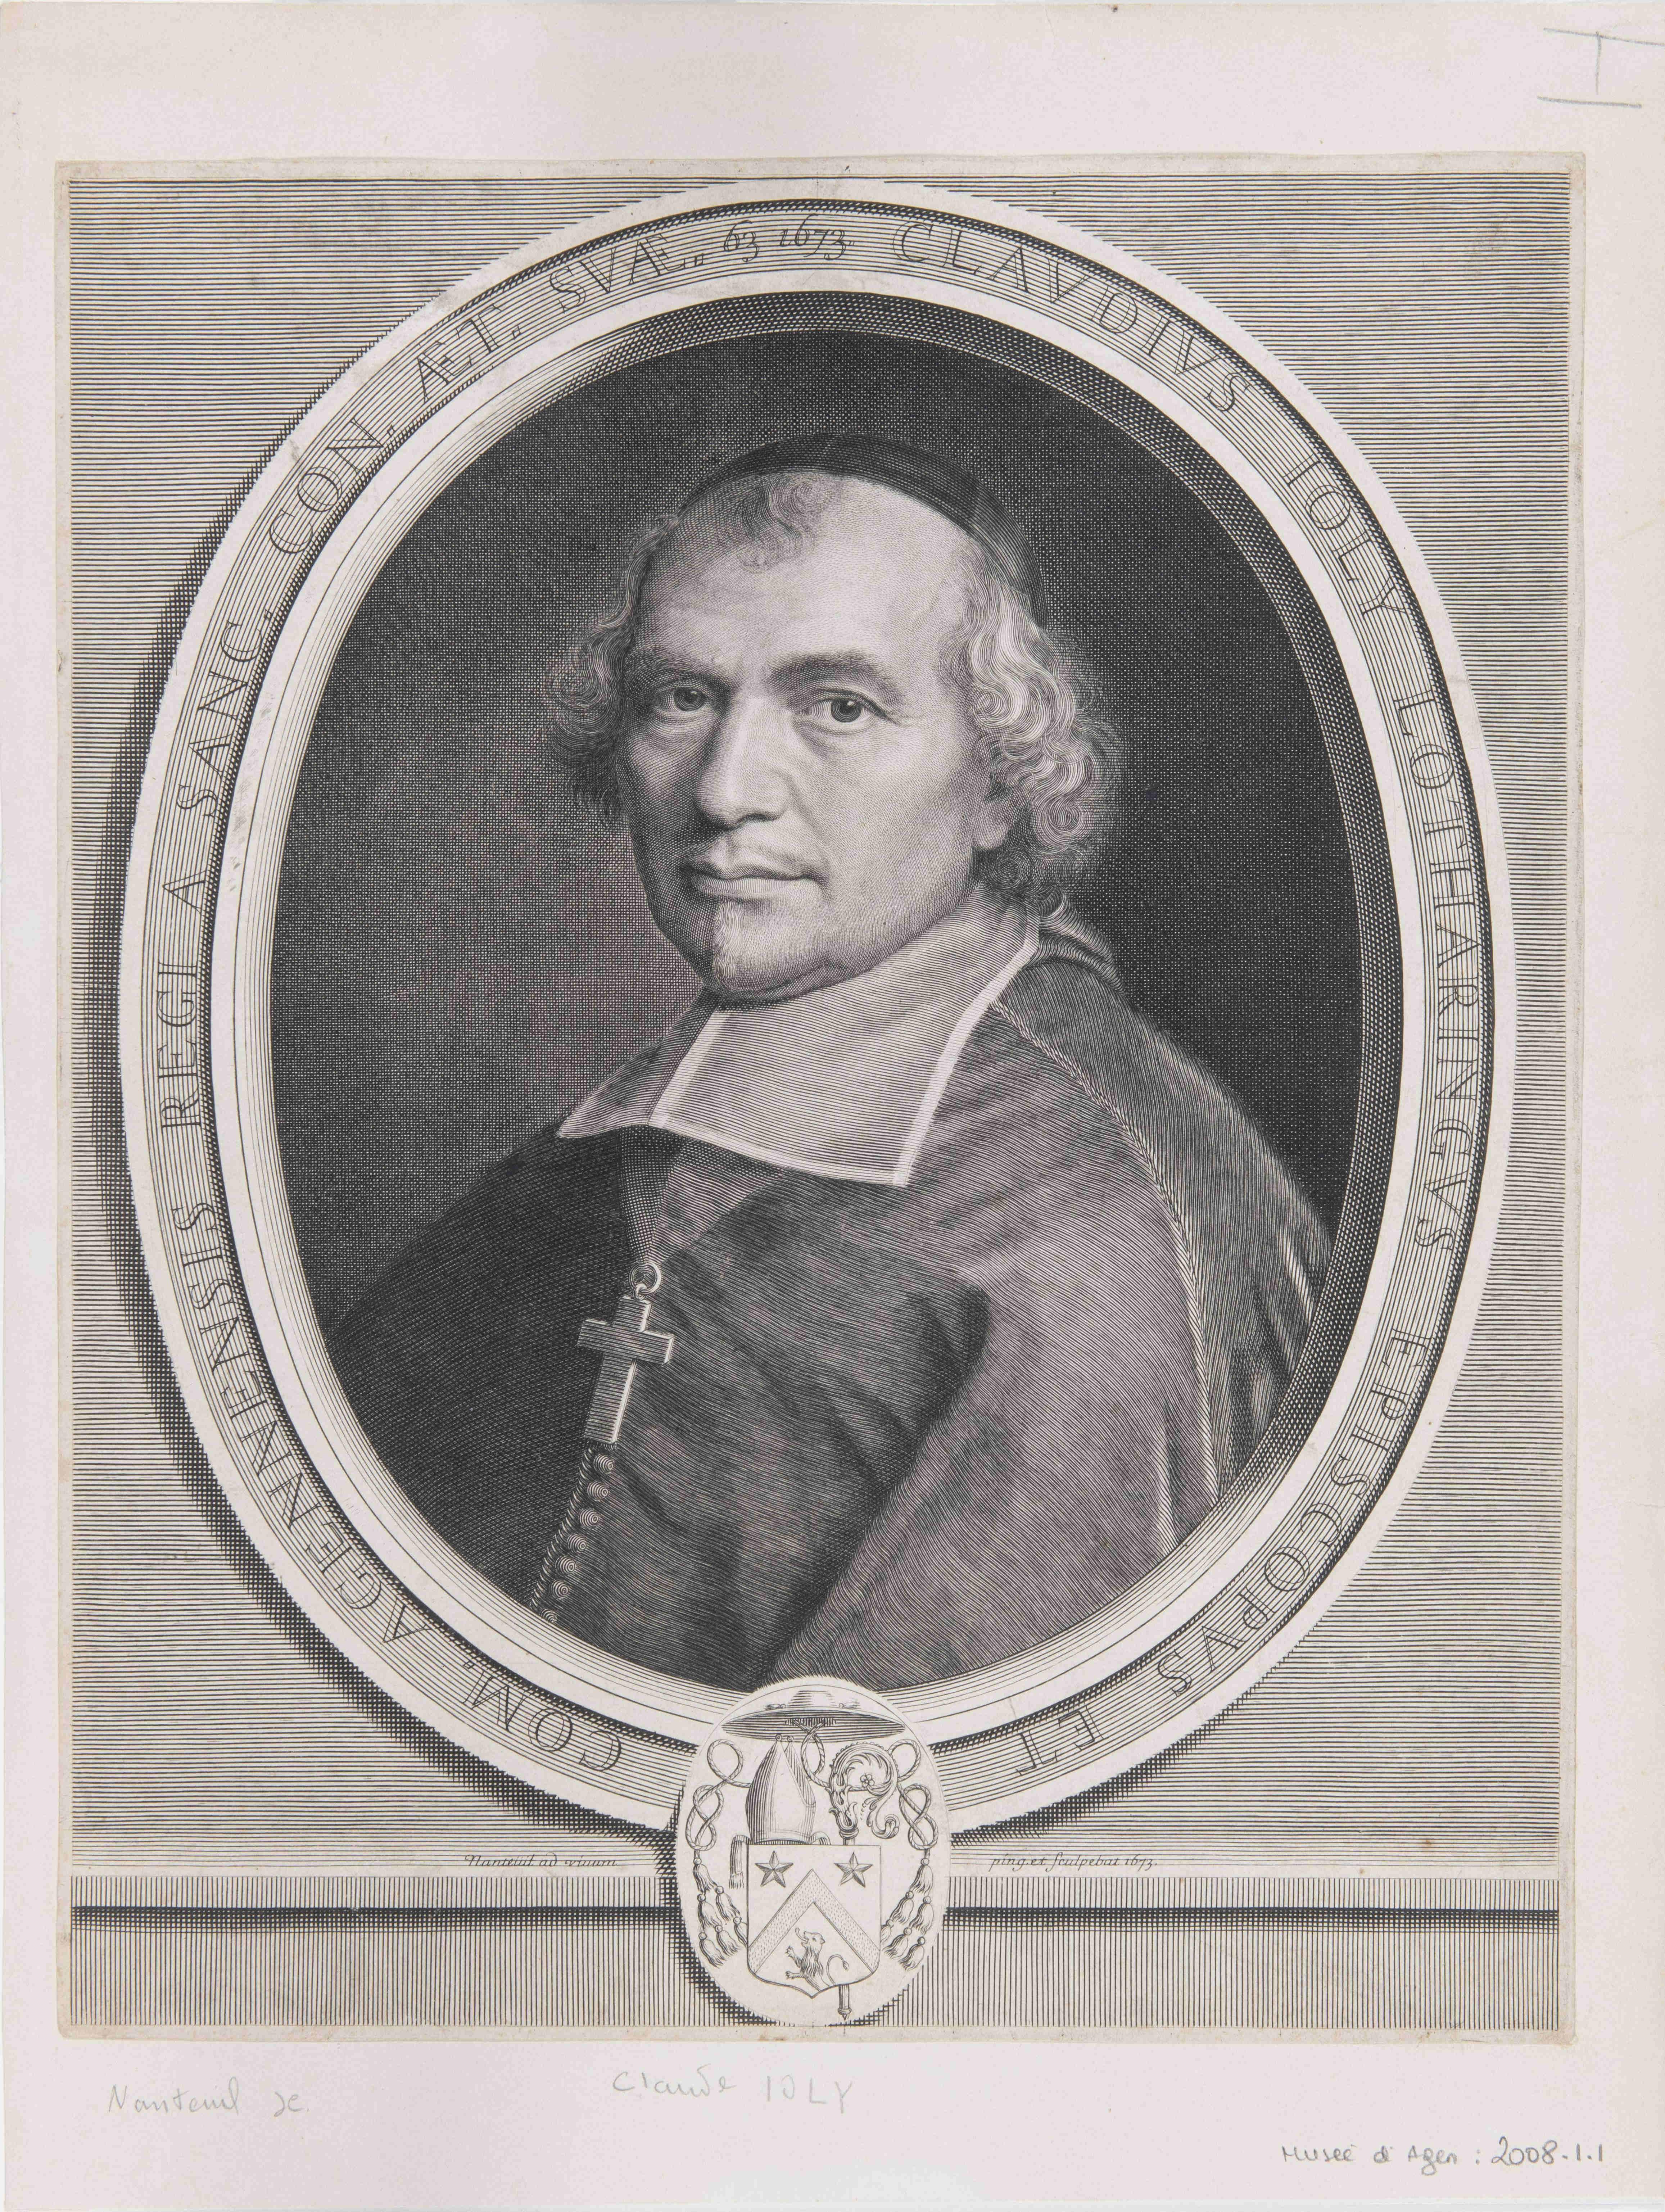 Claude Joly, évêque d'Agen